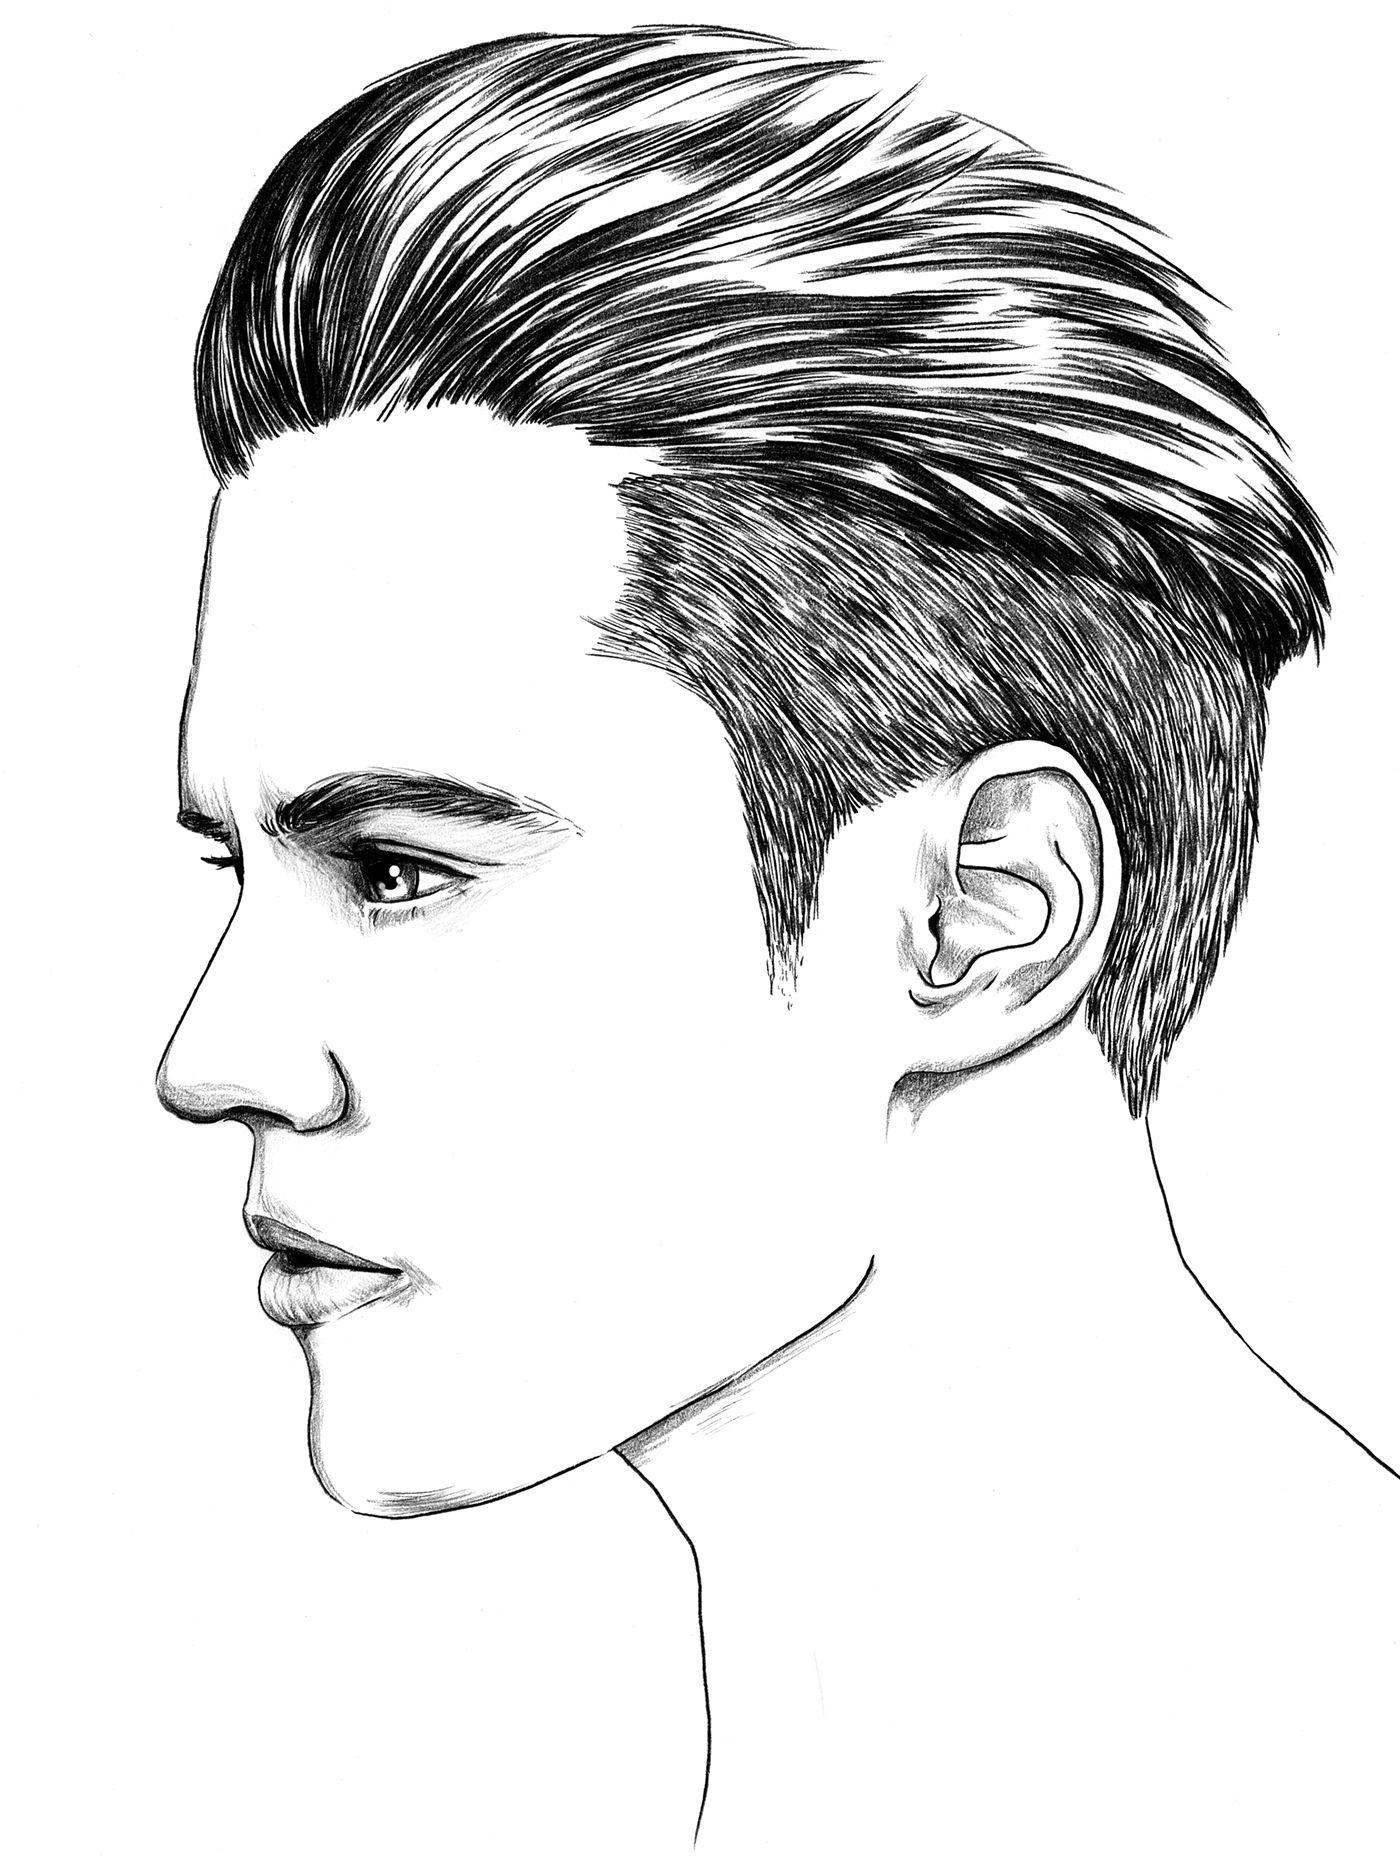 welche frisur passt zu mir männer - frizura wallpaper